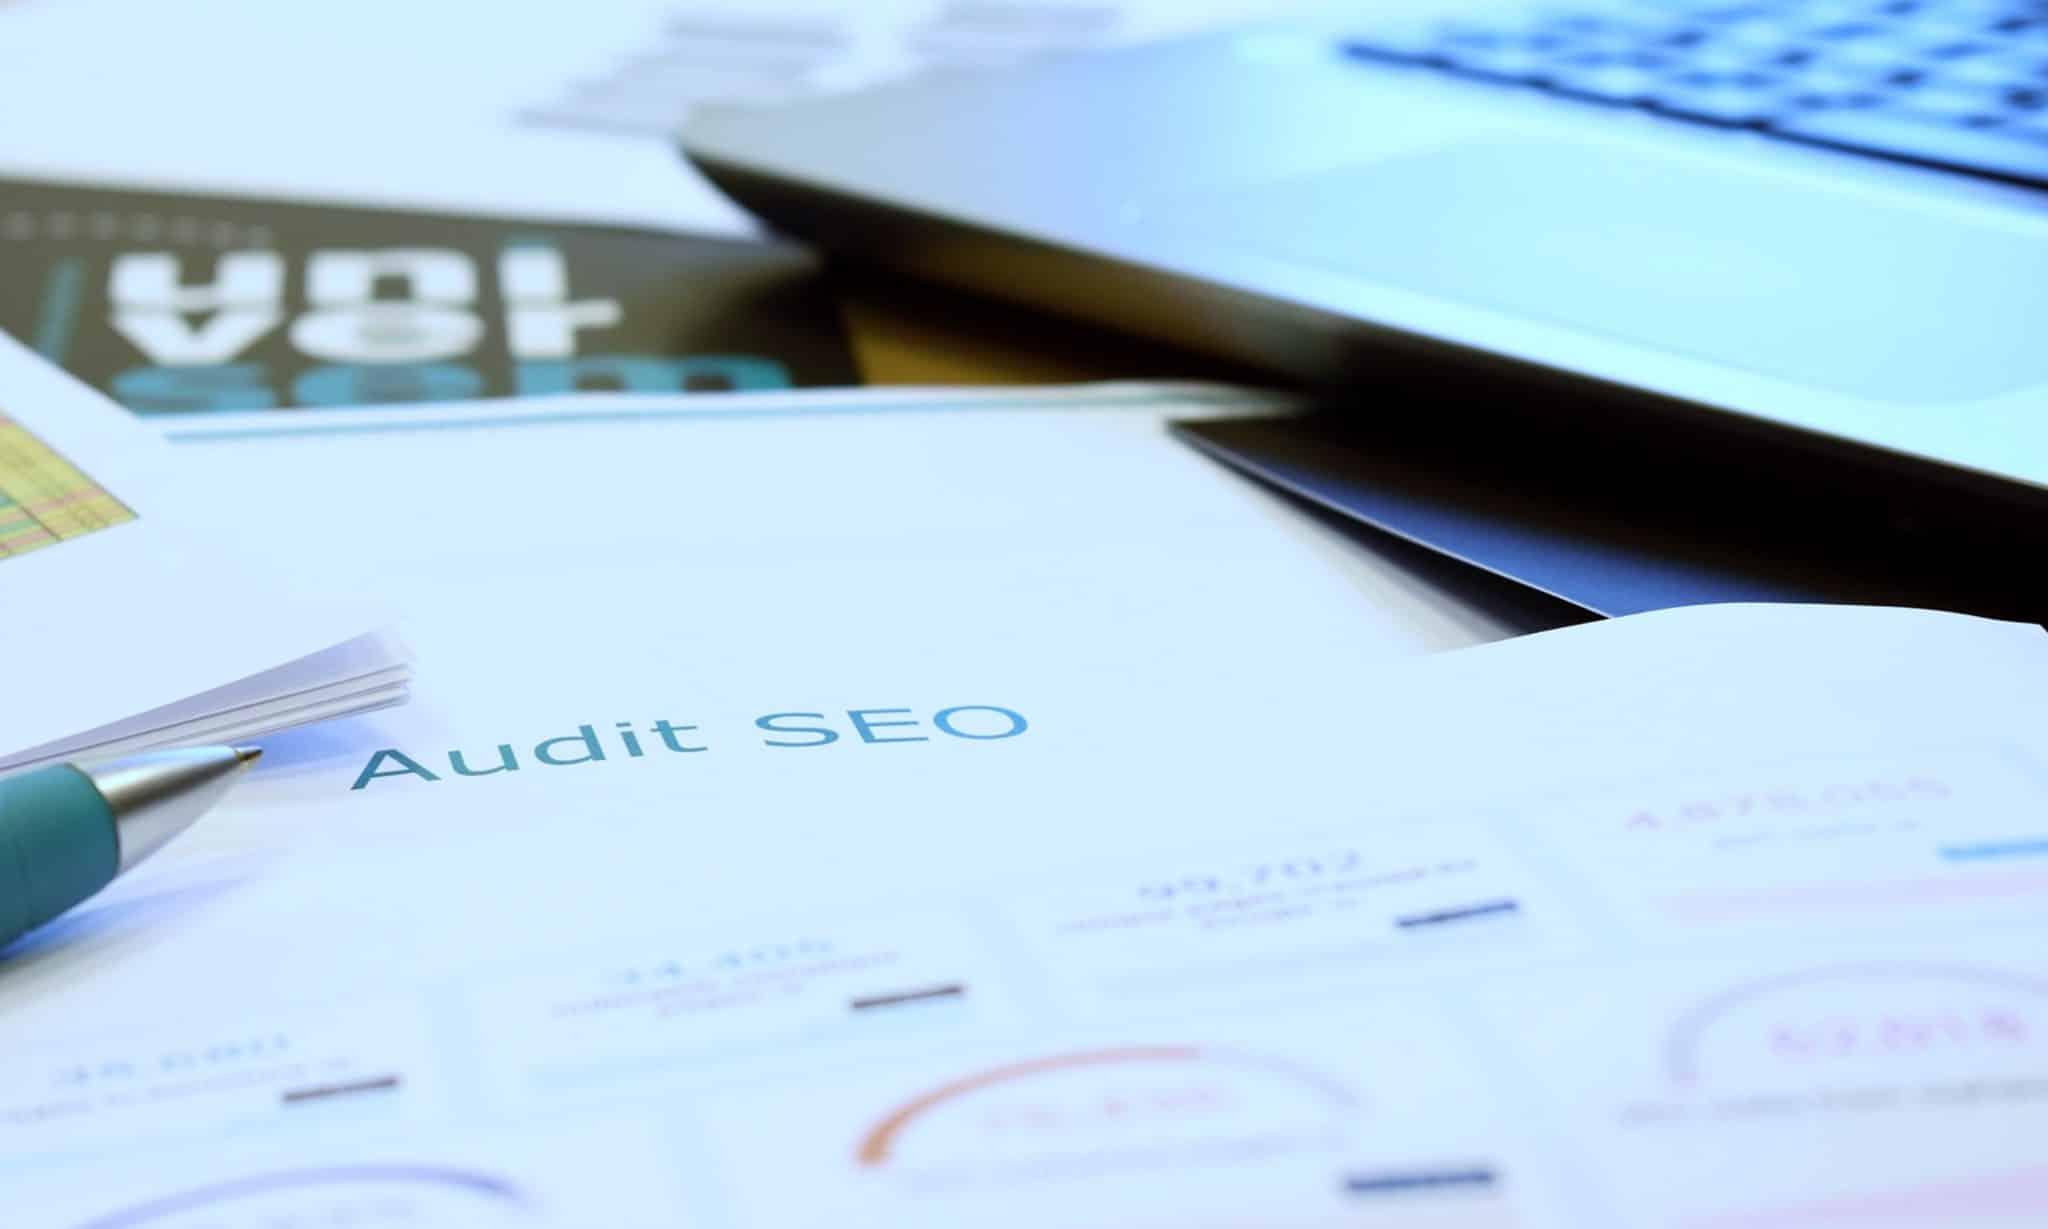 Audit SEO : l'importance de l'analyse SEO en référencement